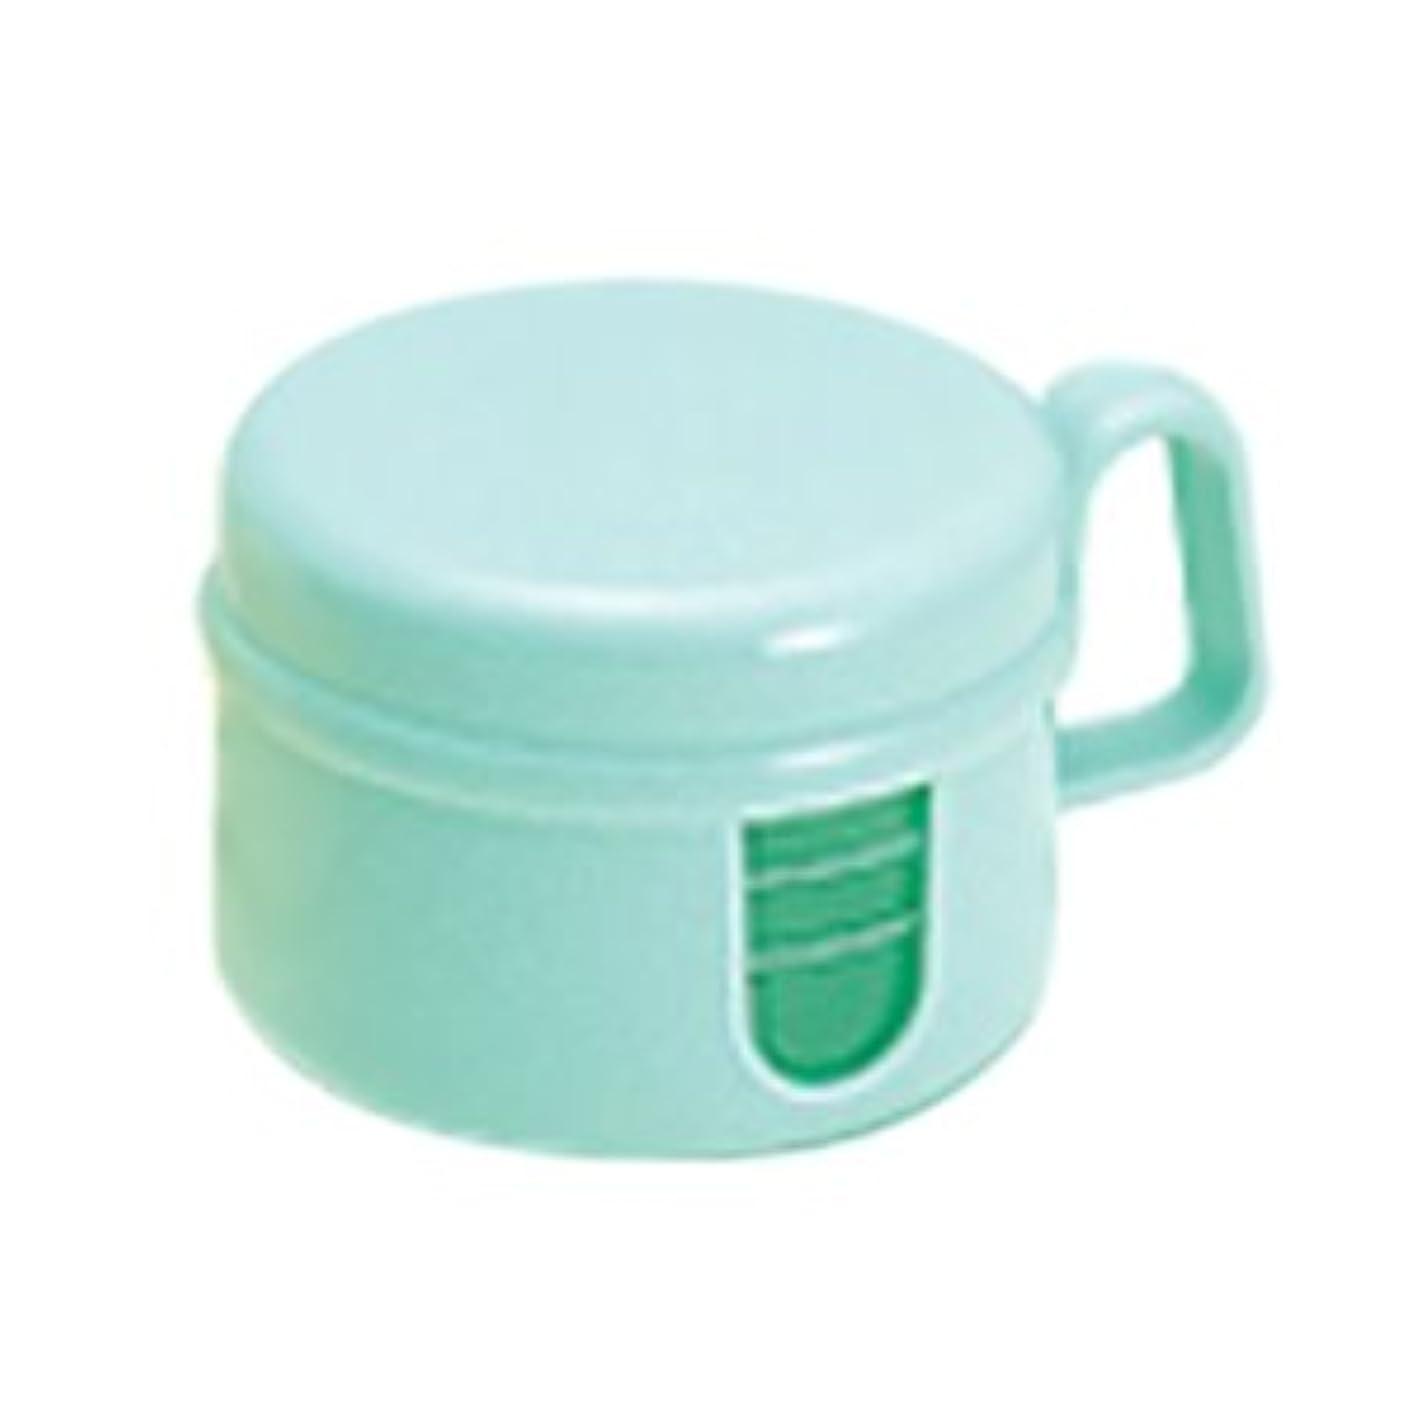 ブランデー征服改革松風 ピカ 入れ歯 洗浄保存容器 グリーン